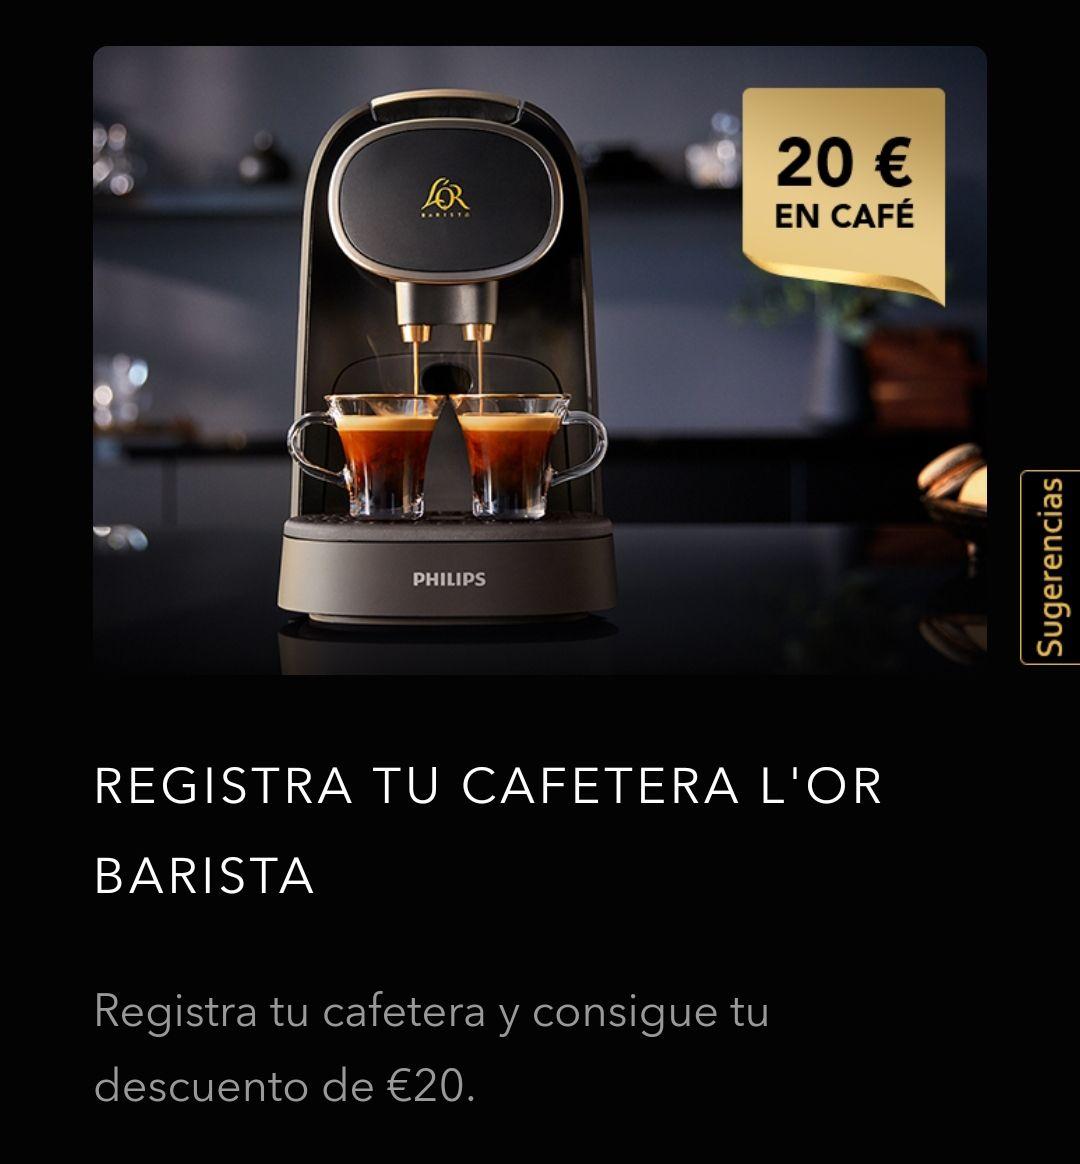 Cafetera Lor Barista registrarla y te dan 20 euros